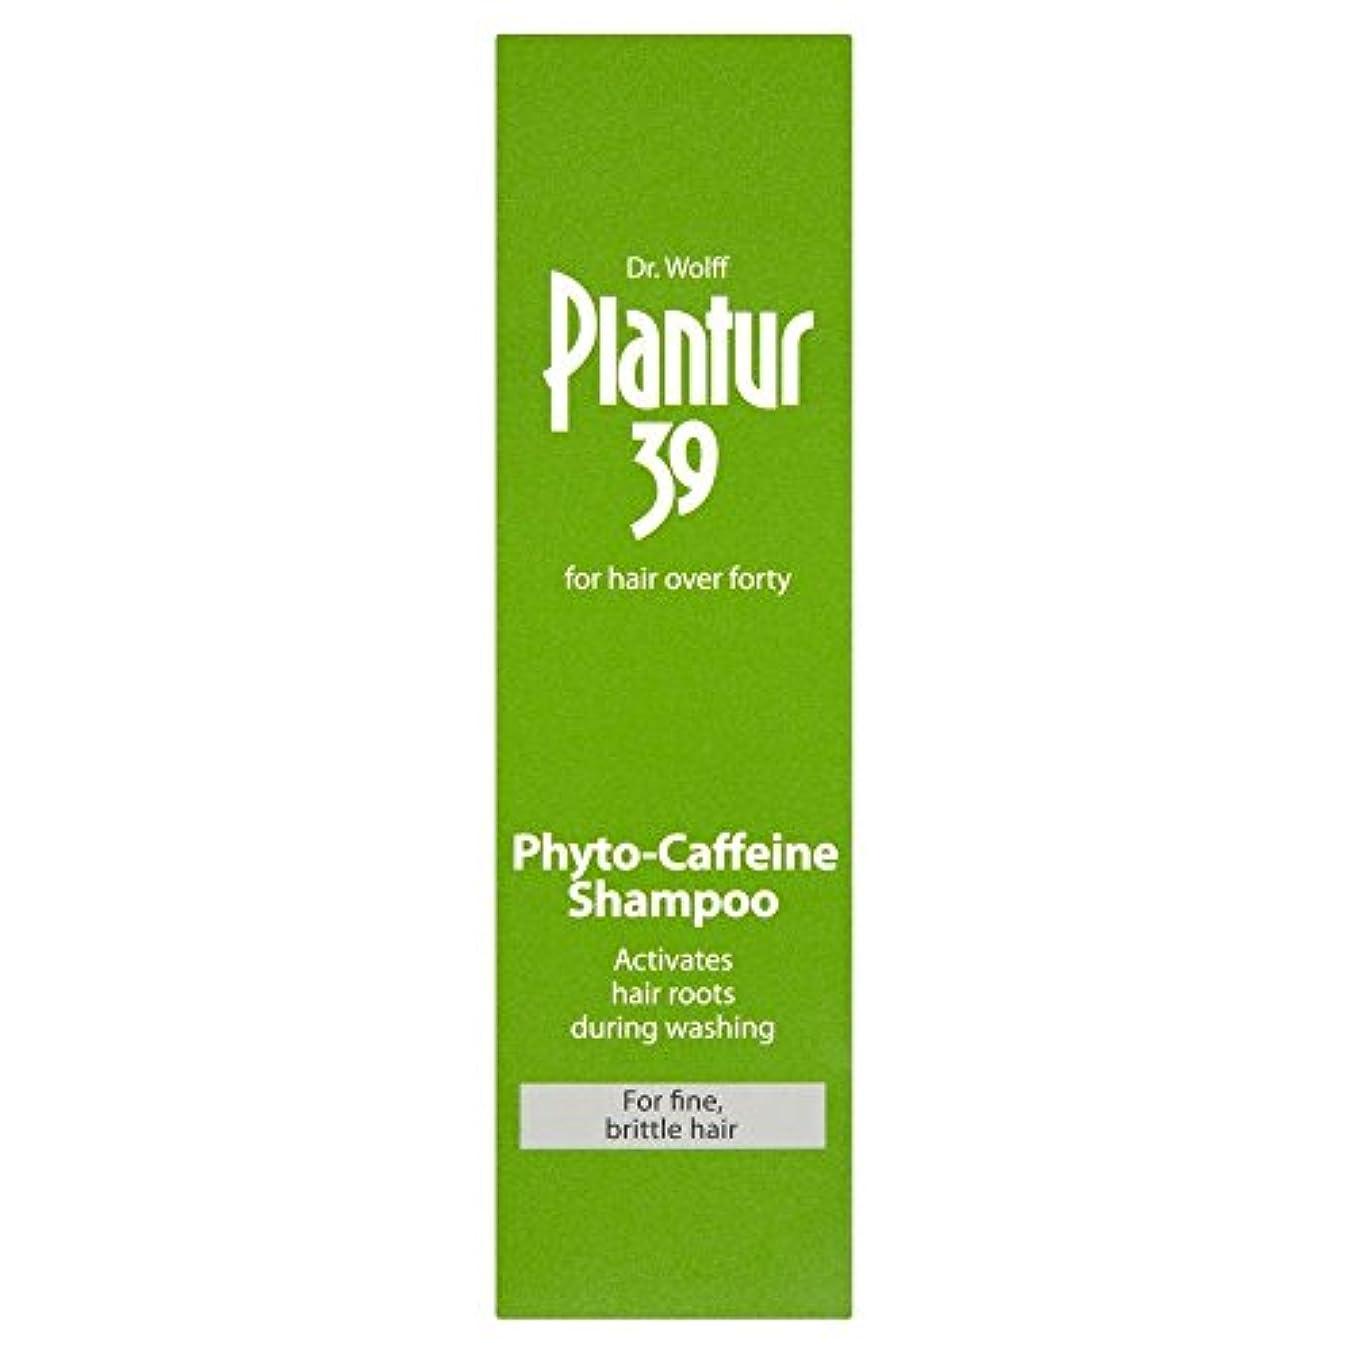 ルーチンごめんなさいフラフープPlantur 39 Phyto Caffeine Shampoo for Coloured & Stressed Hair (250ml) 色や髪を強調した( 250ミリリットル)のための39フィトのカフェインシャンプー...